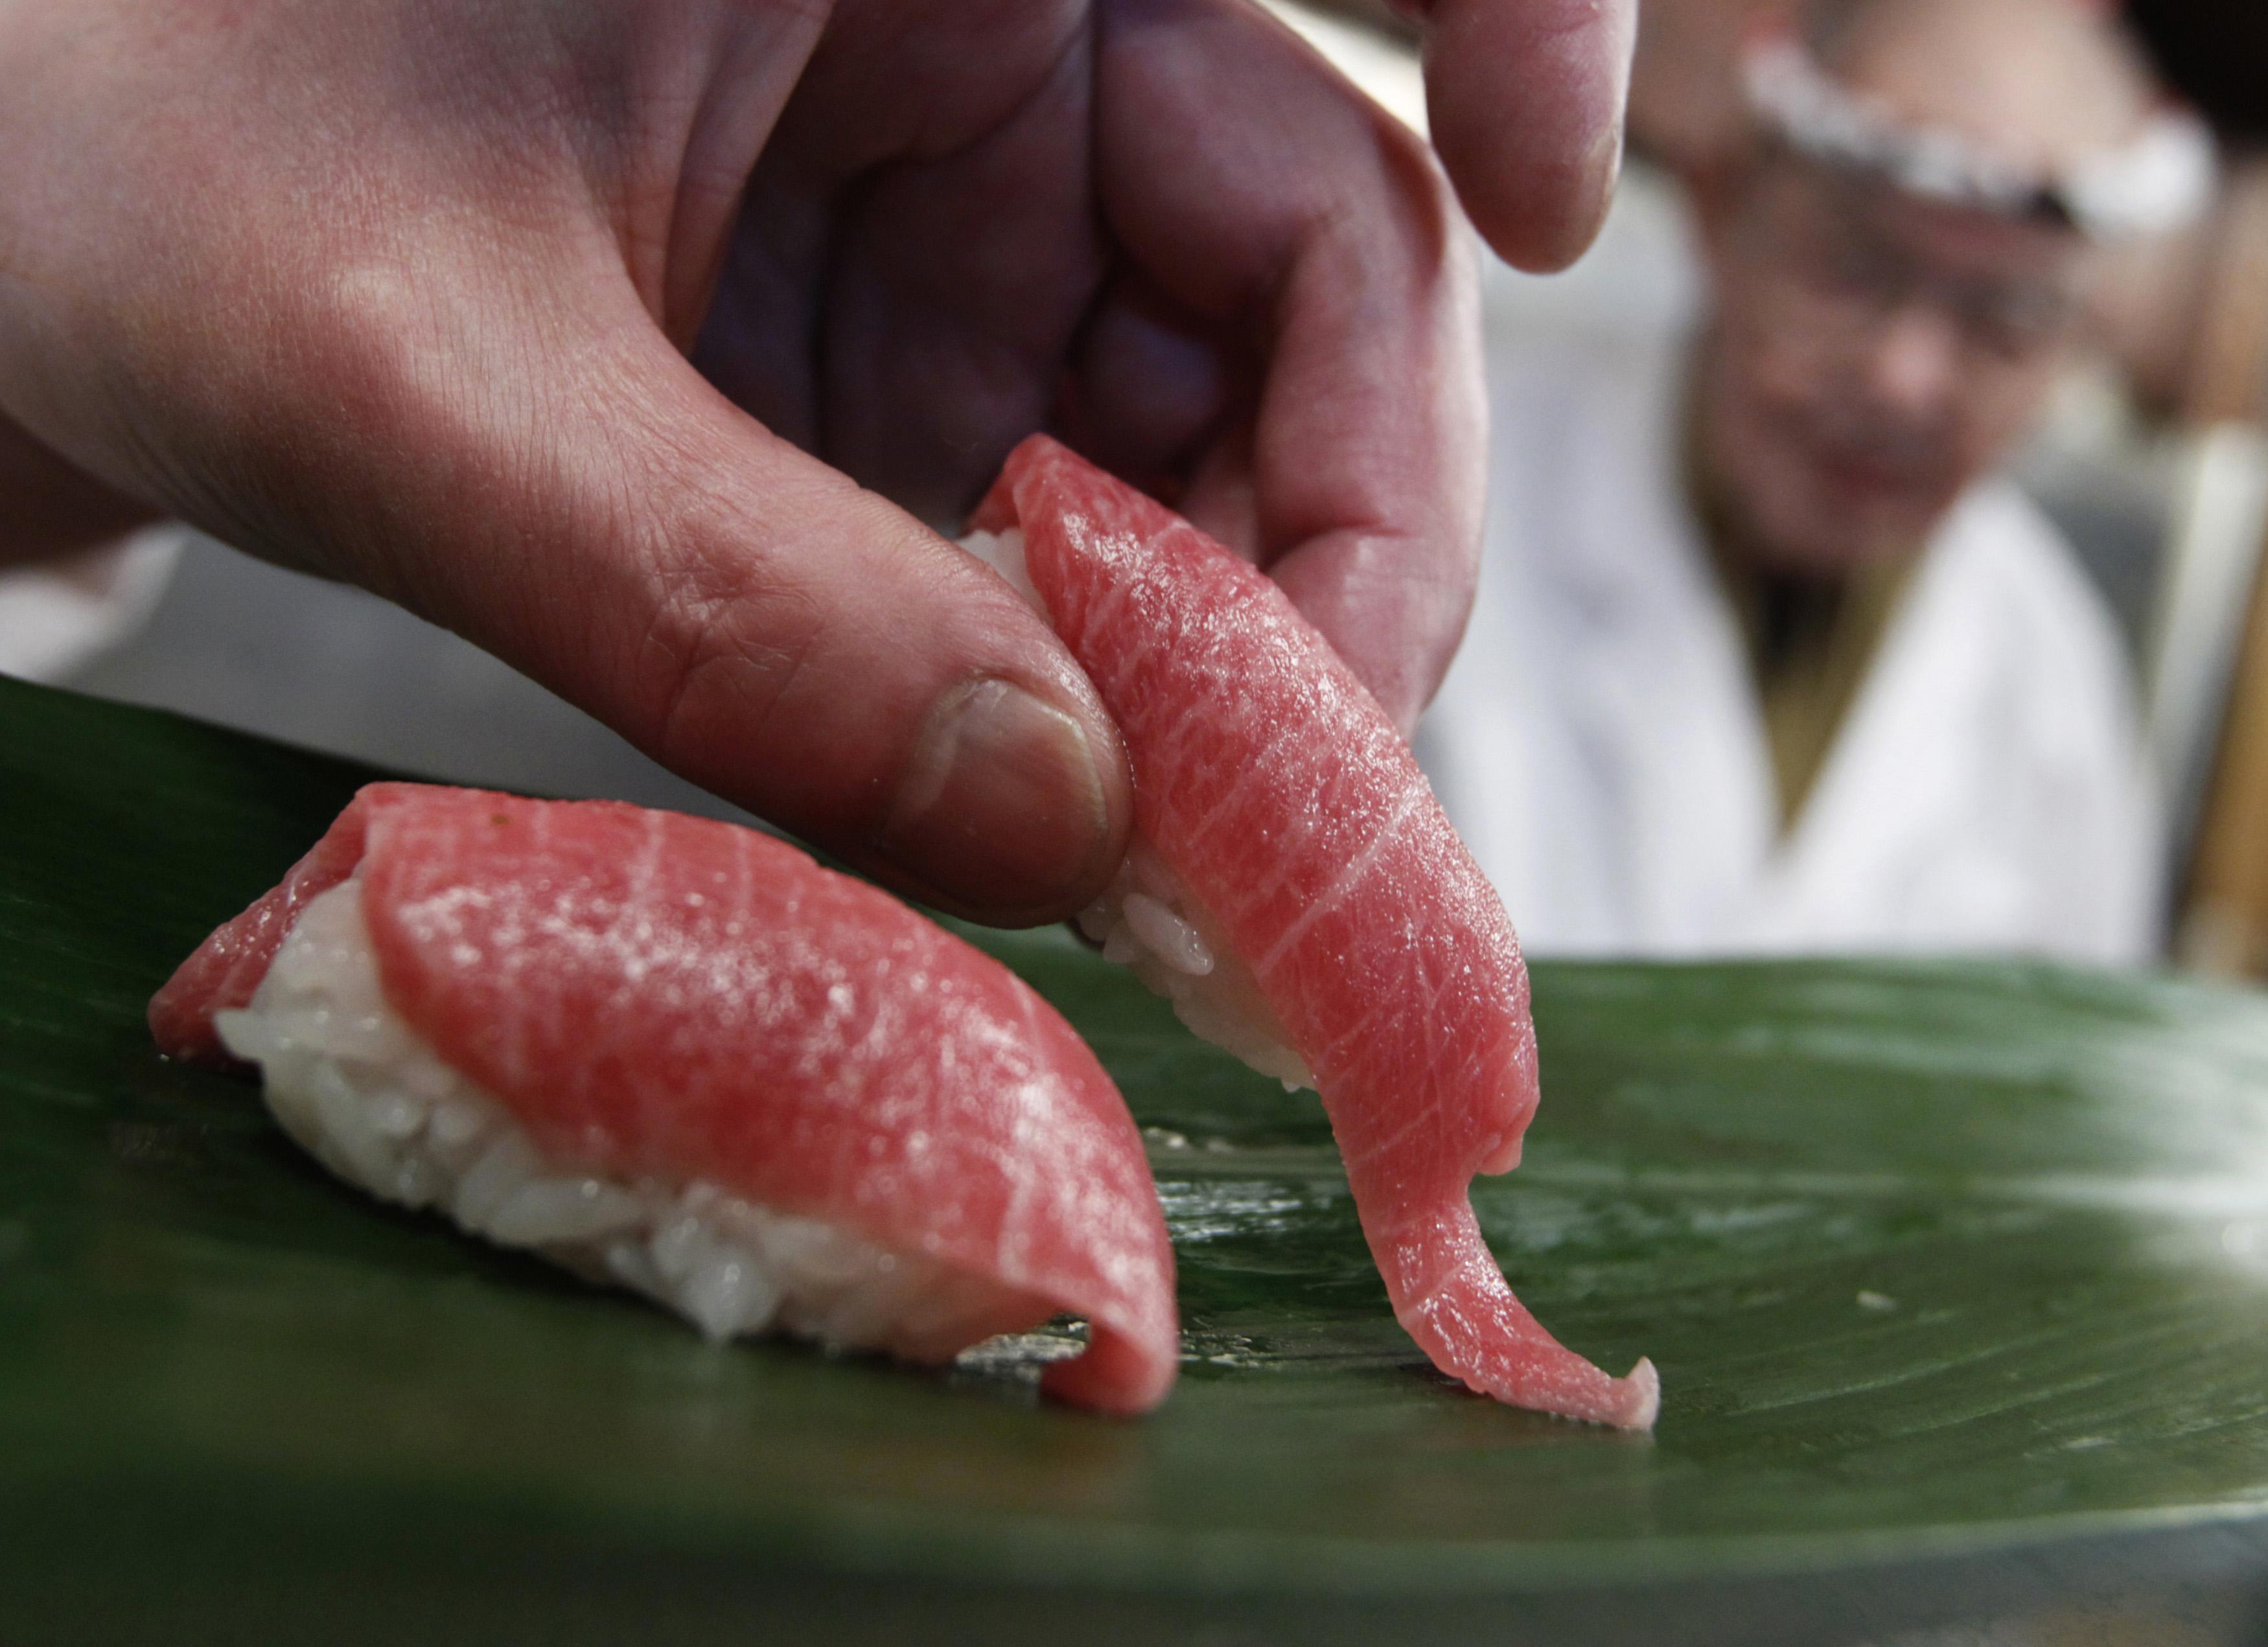 """A sushi chef serves sushi of high-quality fatty Atlantic bluefin tuna or """"o-toro sushi nigiri"""" at a sushi restaurant in Tokyo March 18, 2010."""